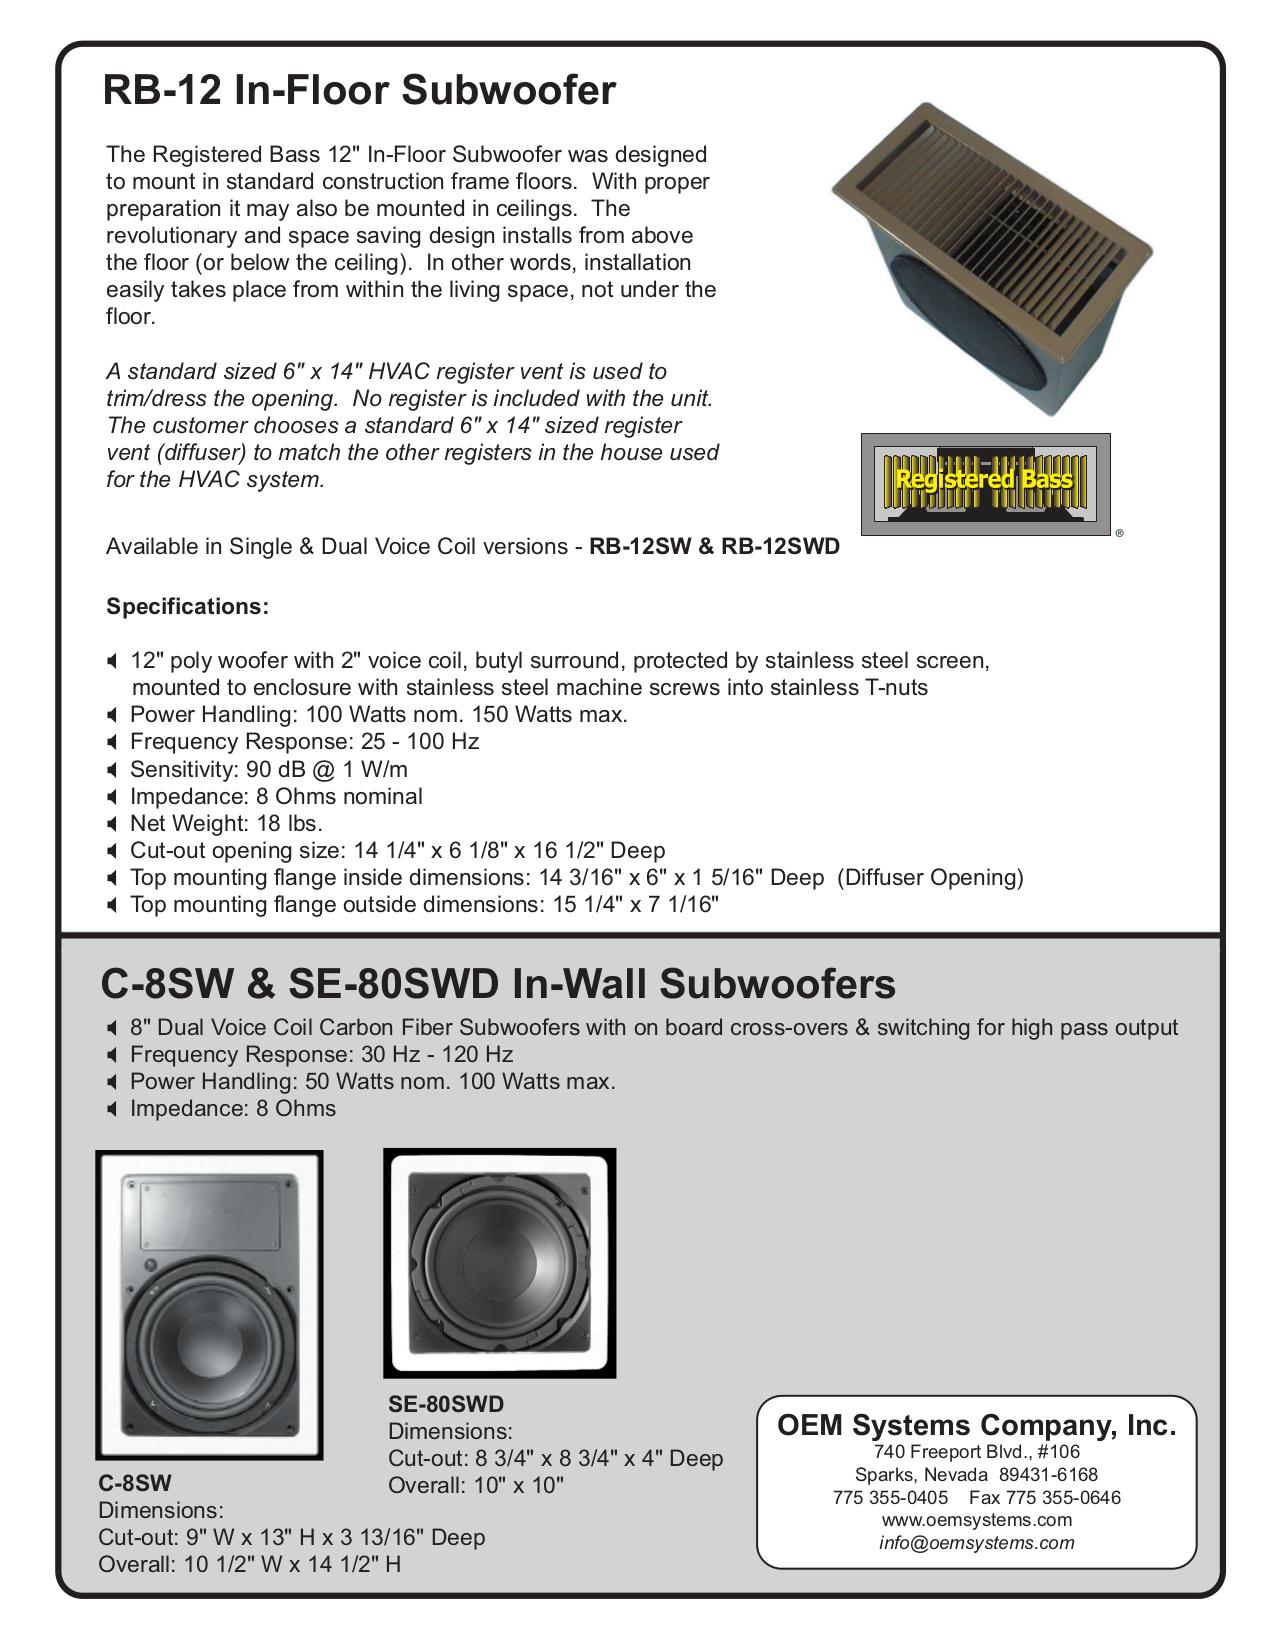 pdf for OEM Subwoofer SE-80SWD manual